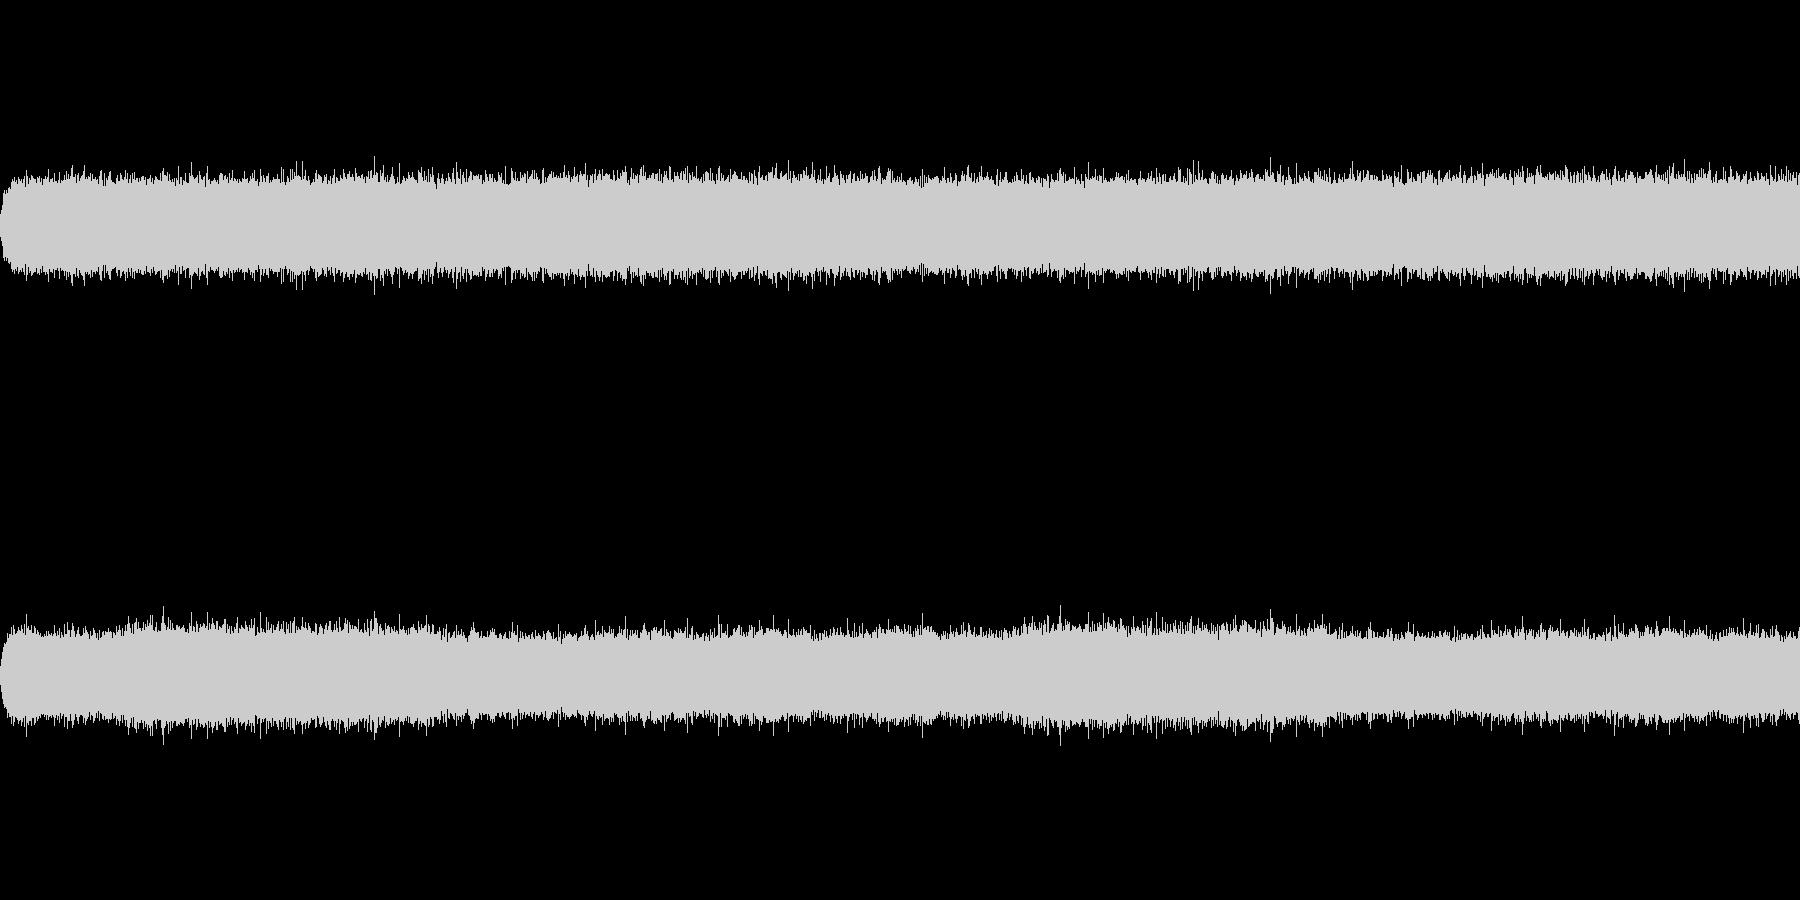 滝音~中くらいの滝 UP1【生録音】の未再生の波形